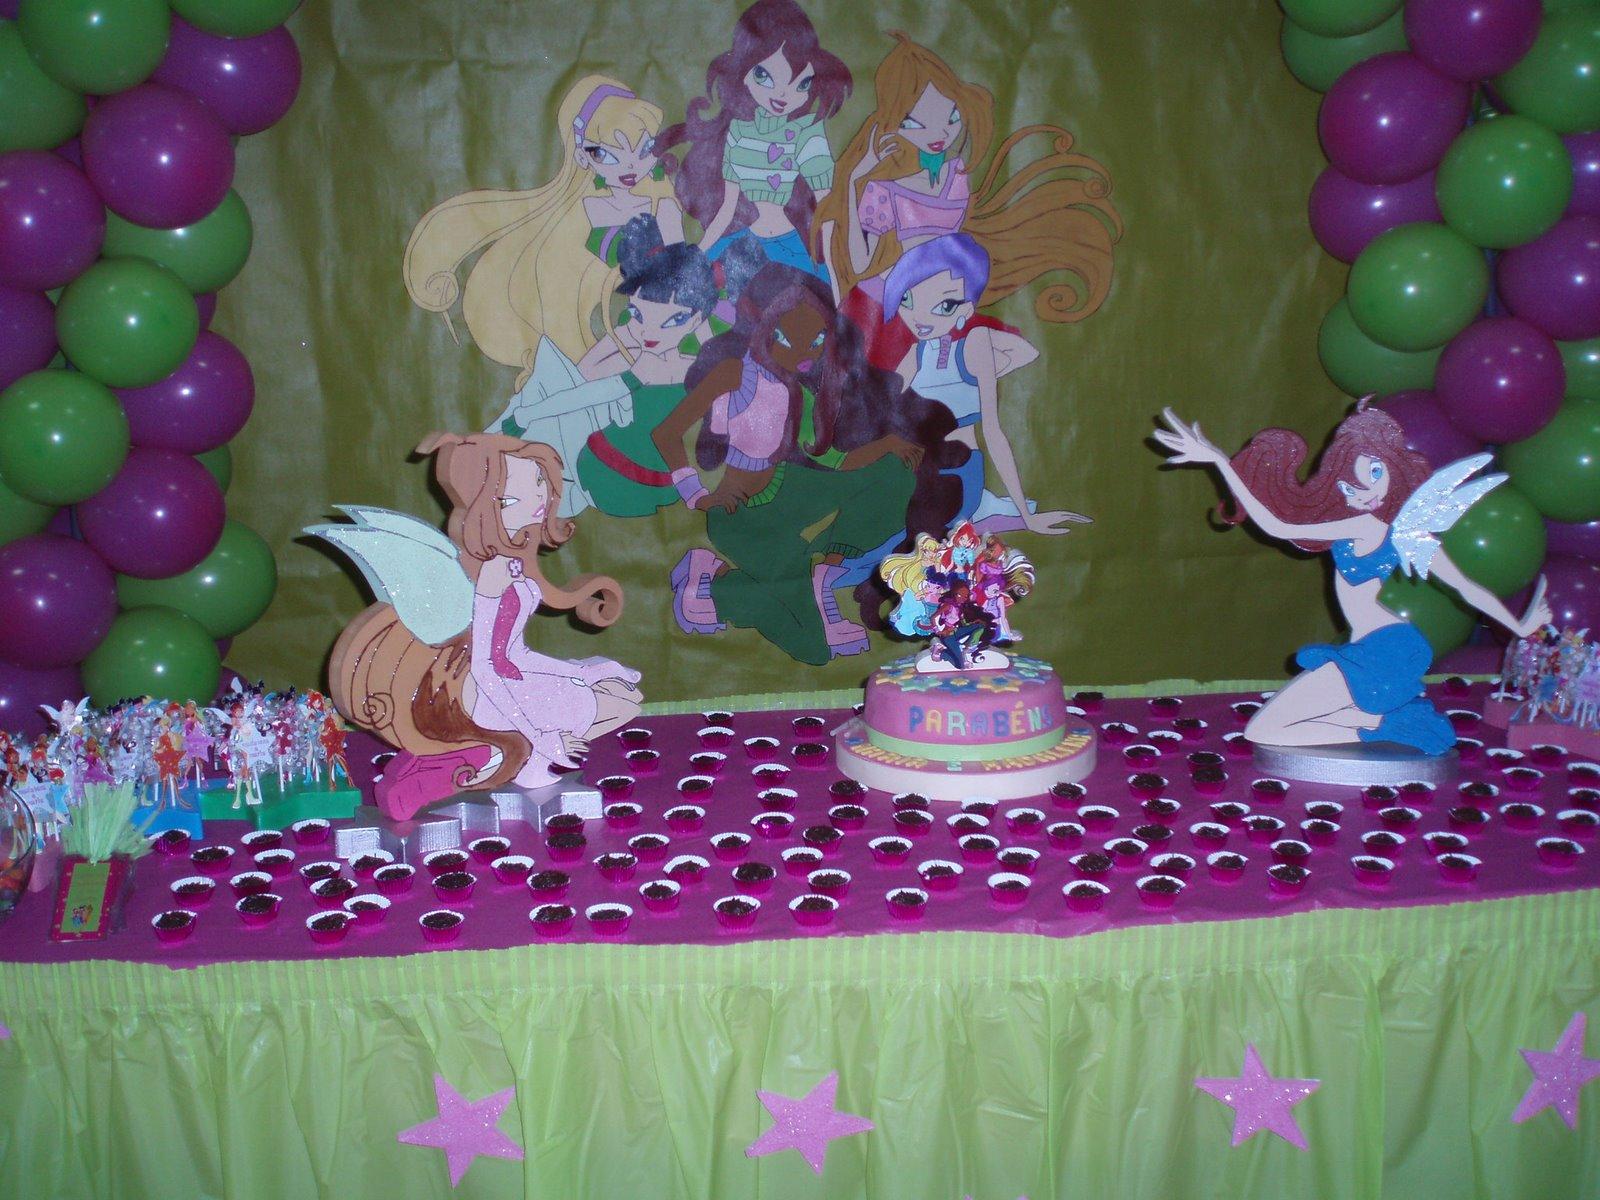 decoracao festa winx:Pretty Winx: Festa Winx!